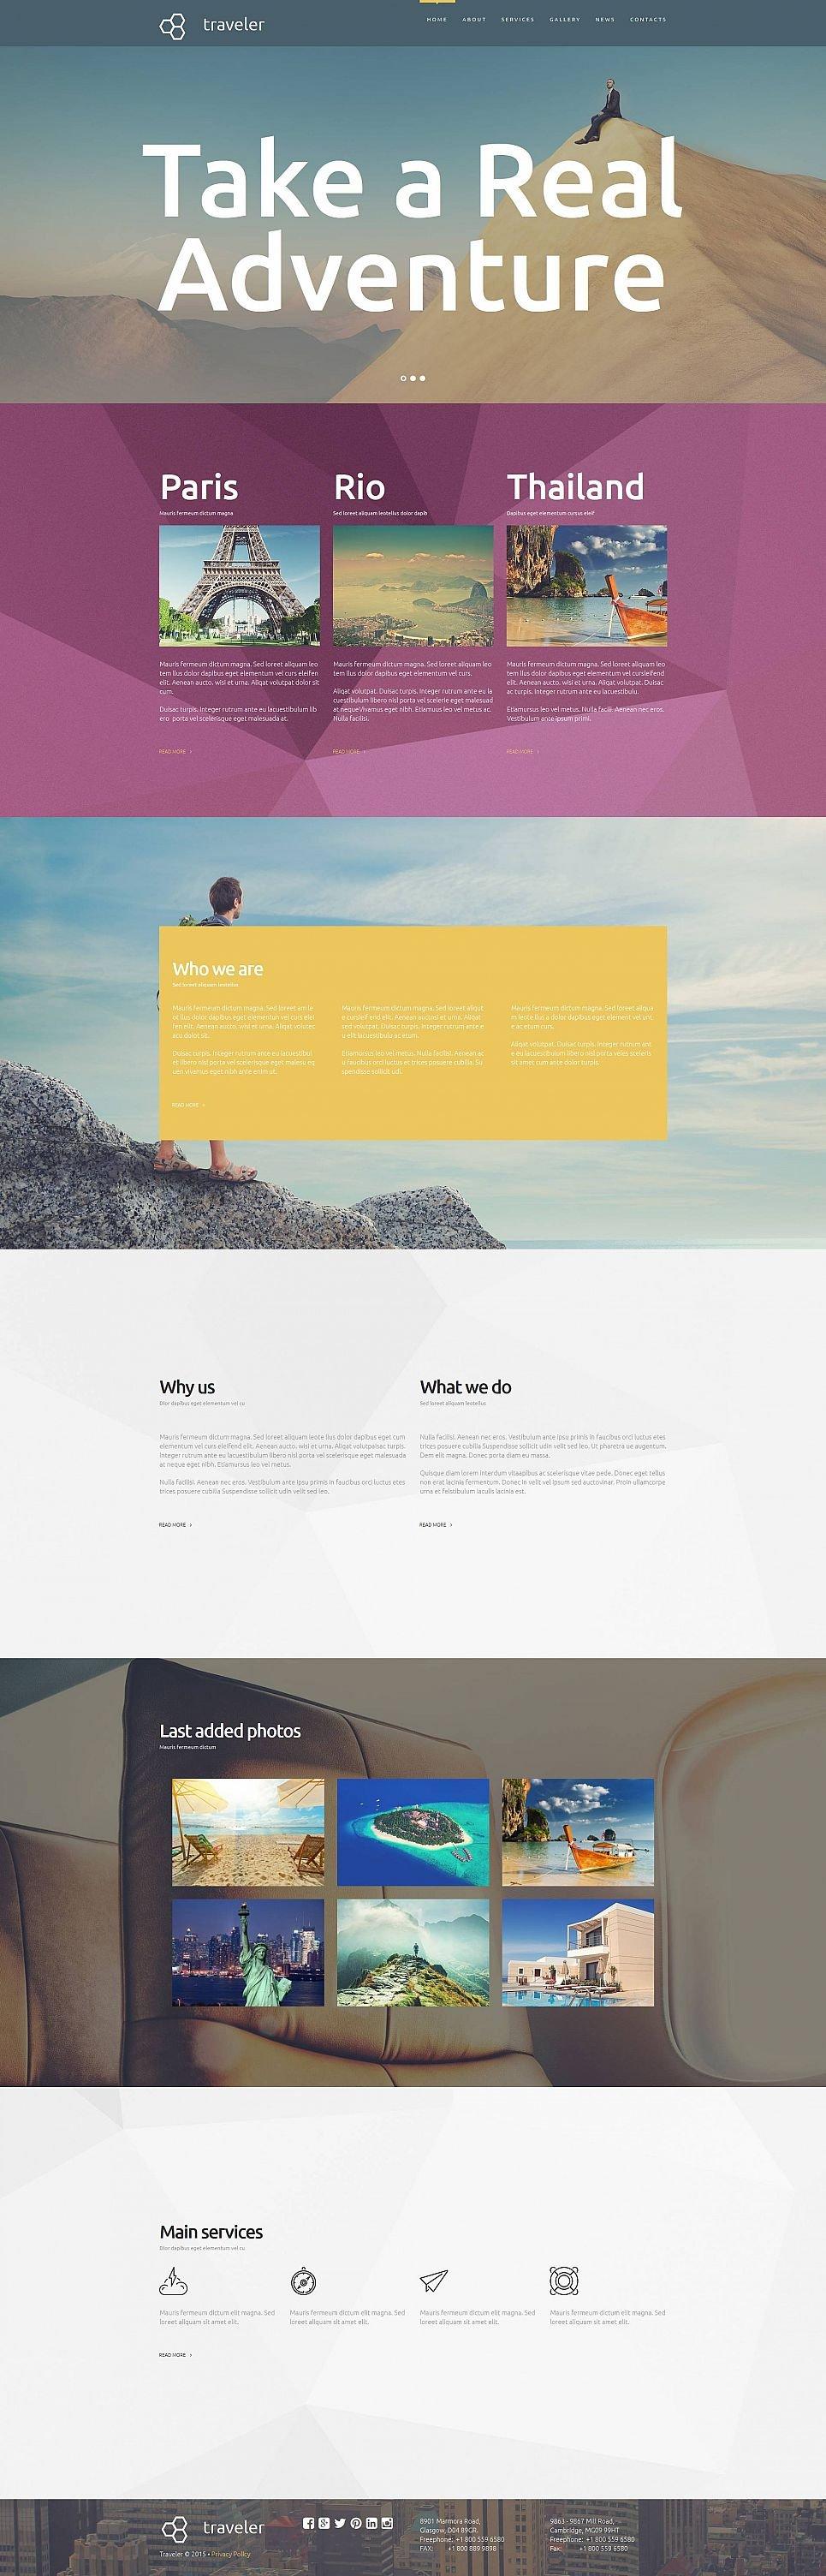 Trip Agency Website Design - image